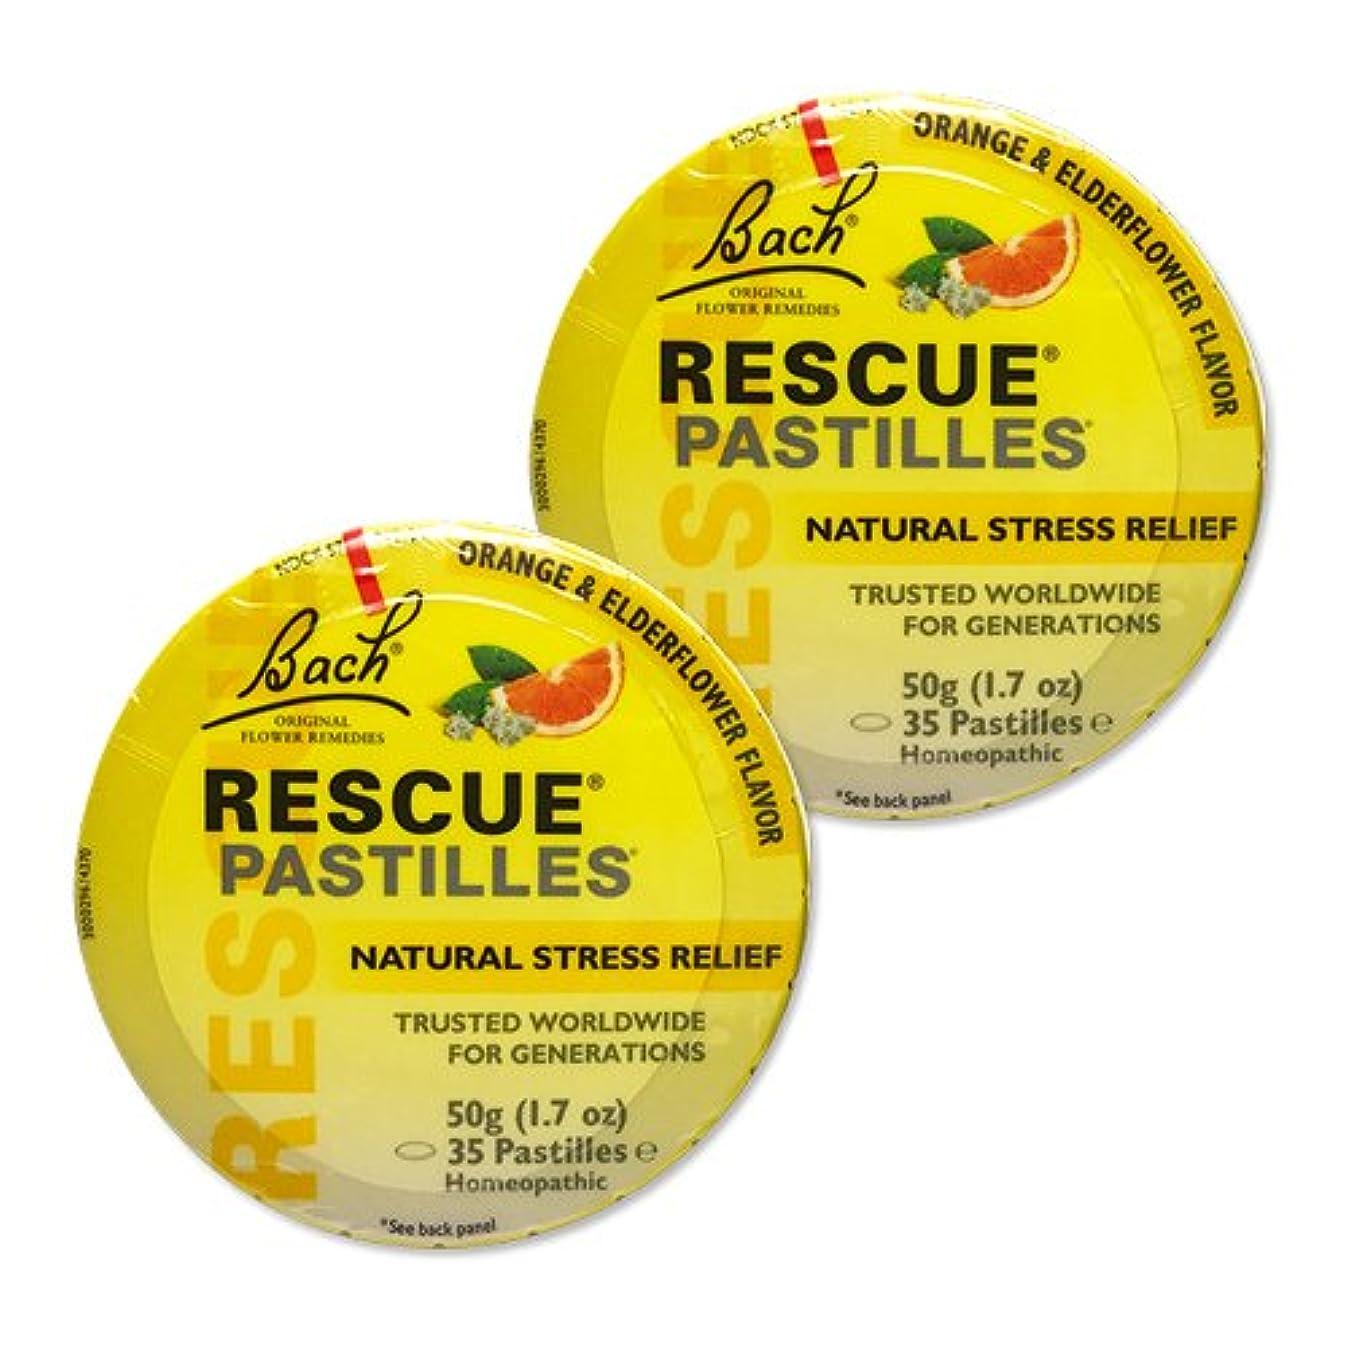 スカート深い宅配便【2個セット】 [海外直送品]バッチフラワー レスキューレメディー パステル(オレンジ) Rescue Pastilles: For Occasional...